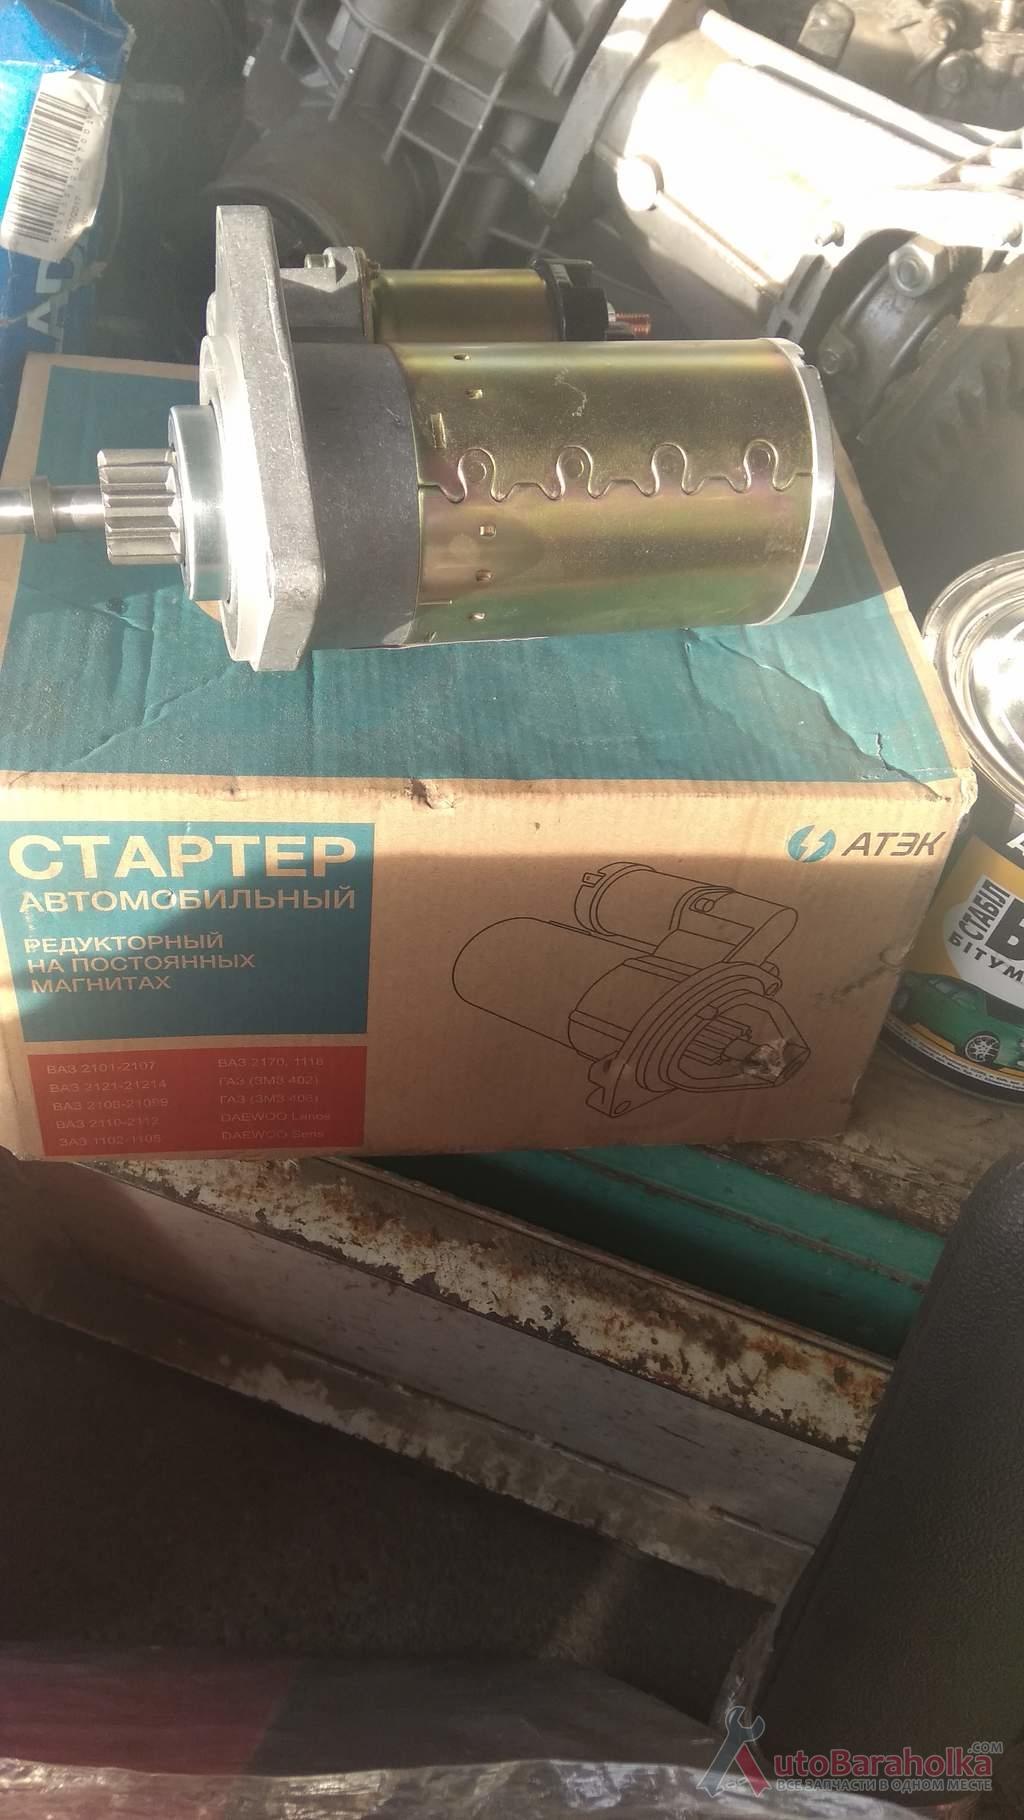 Продам Стартер редуктоный АТЭК Новый Год гарантии ВАЗ 2101 2103 2106 2108 2109 2110 2121 на любой ВАЗ Кировоград